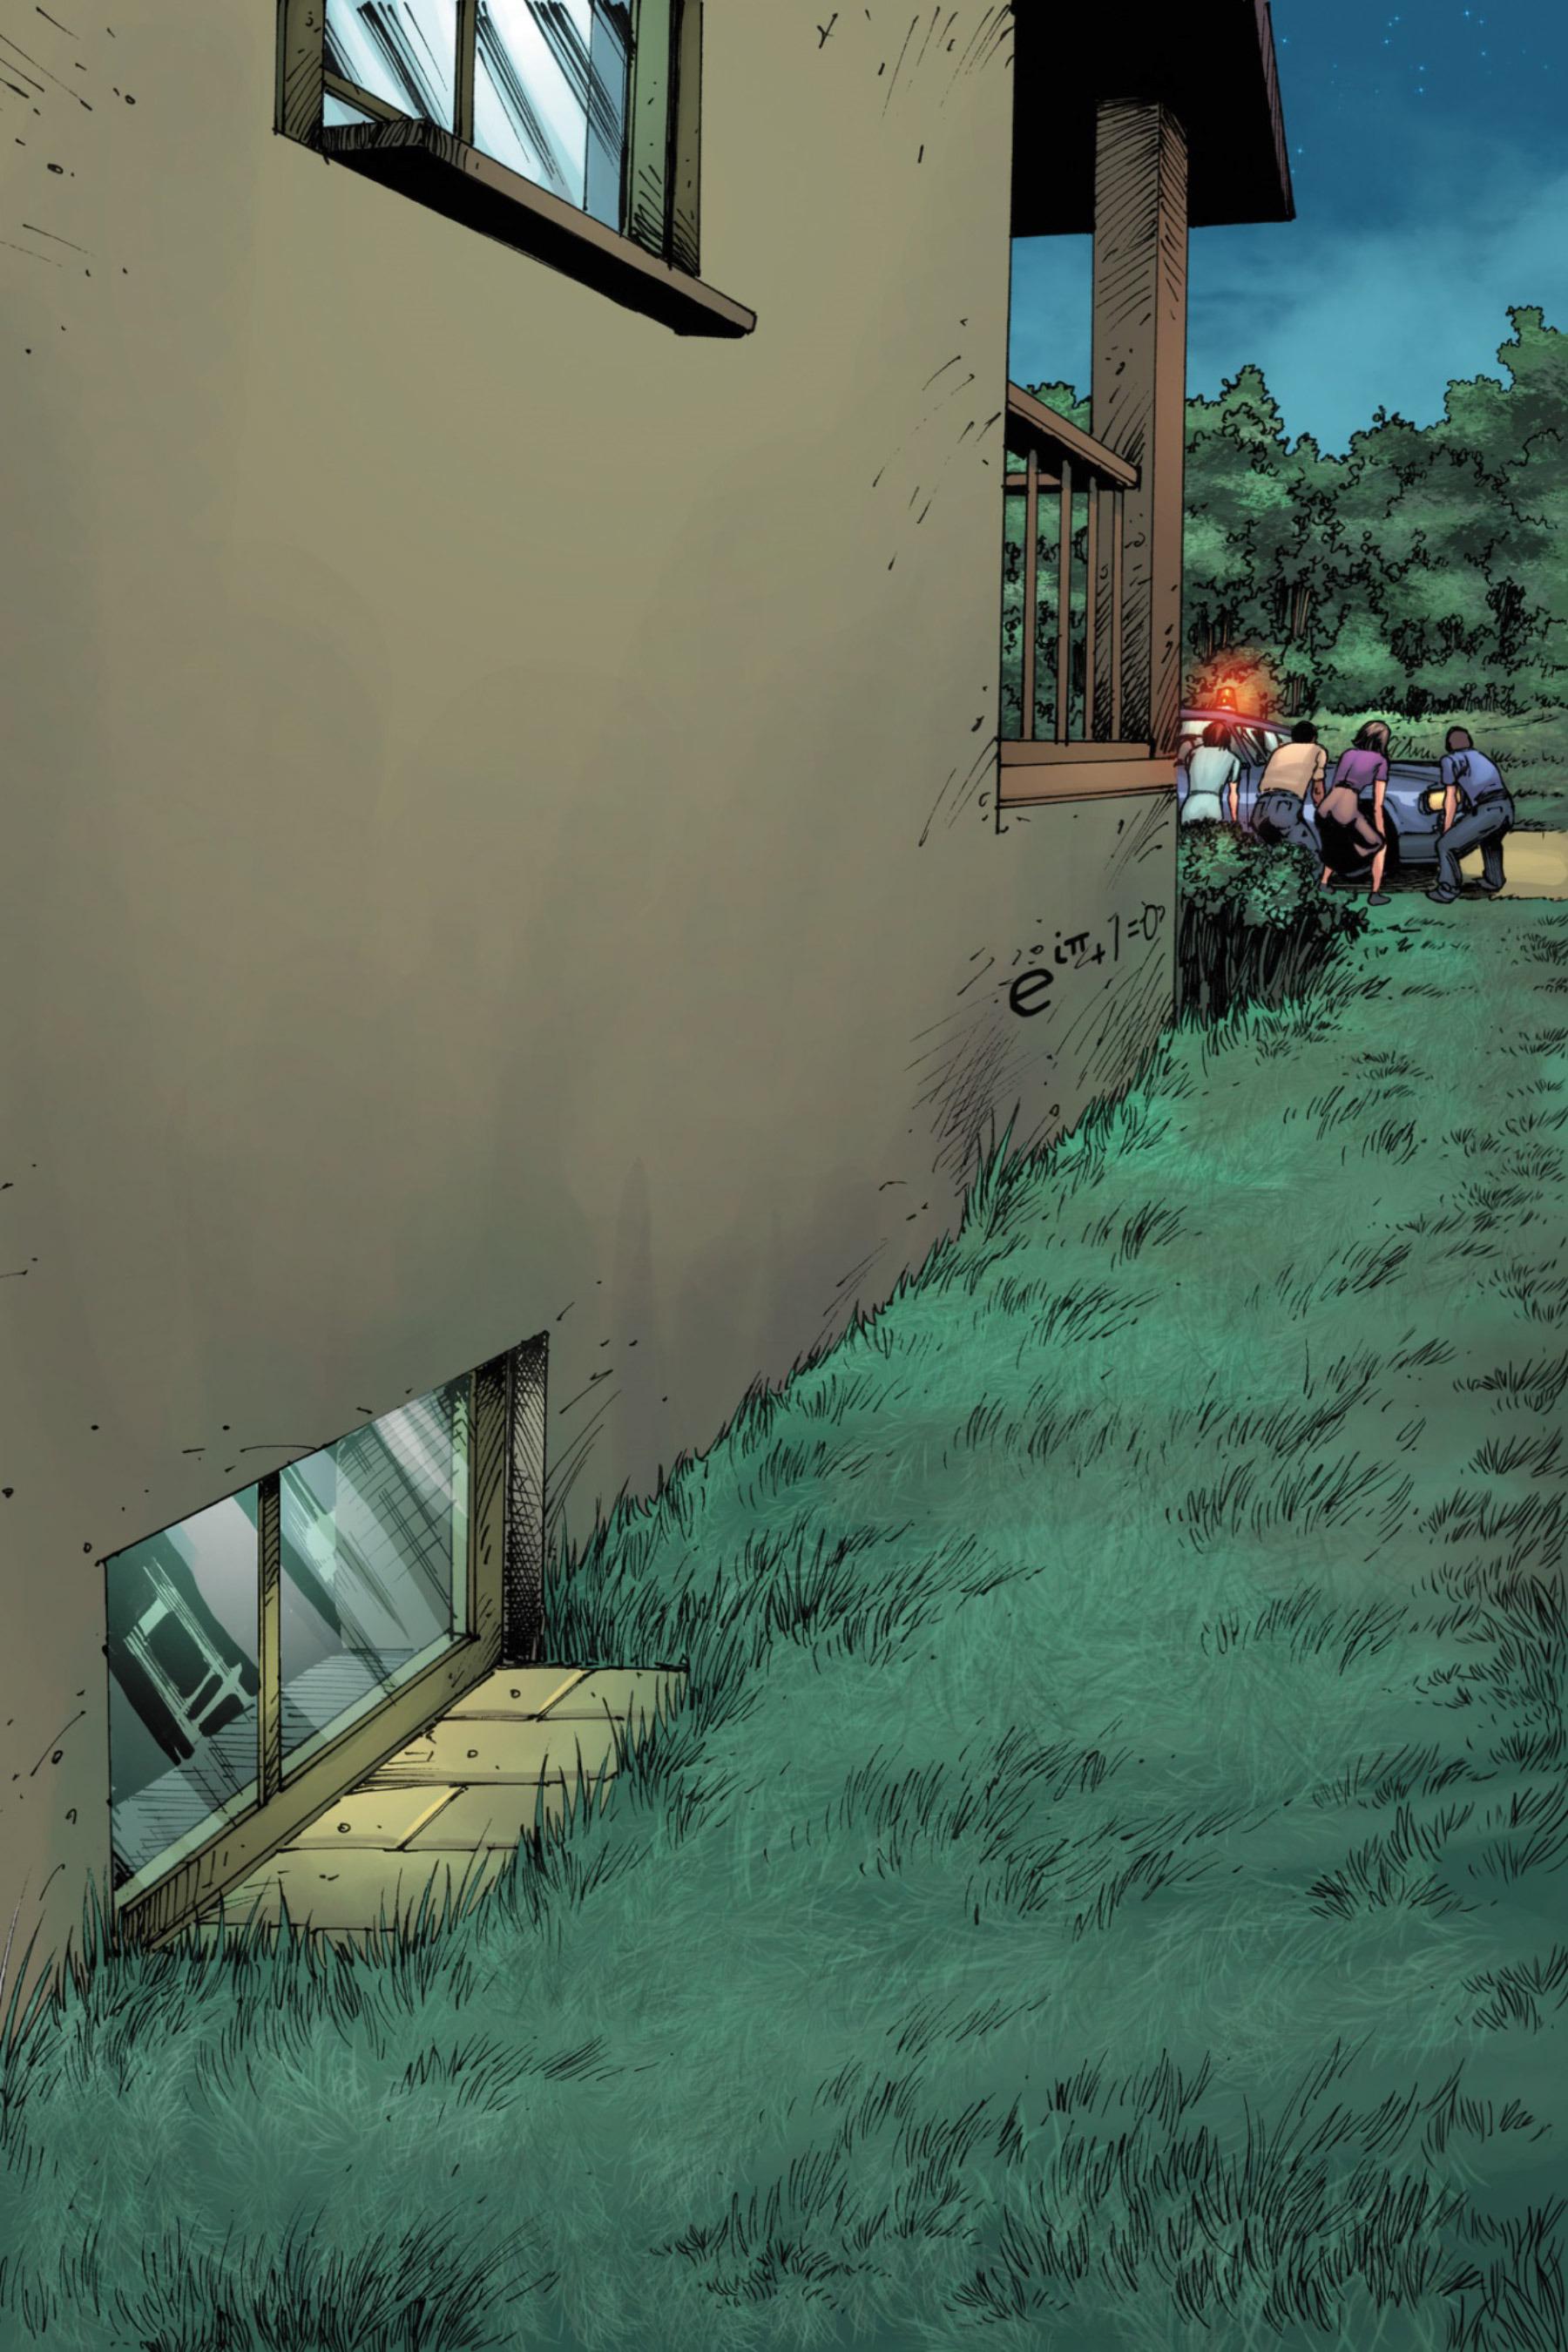 Read online Z-Men comic -  Issue #3 - 114